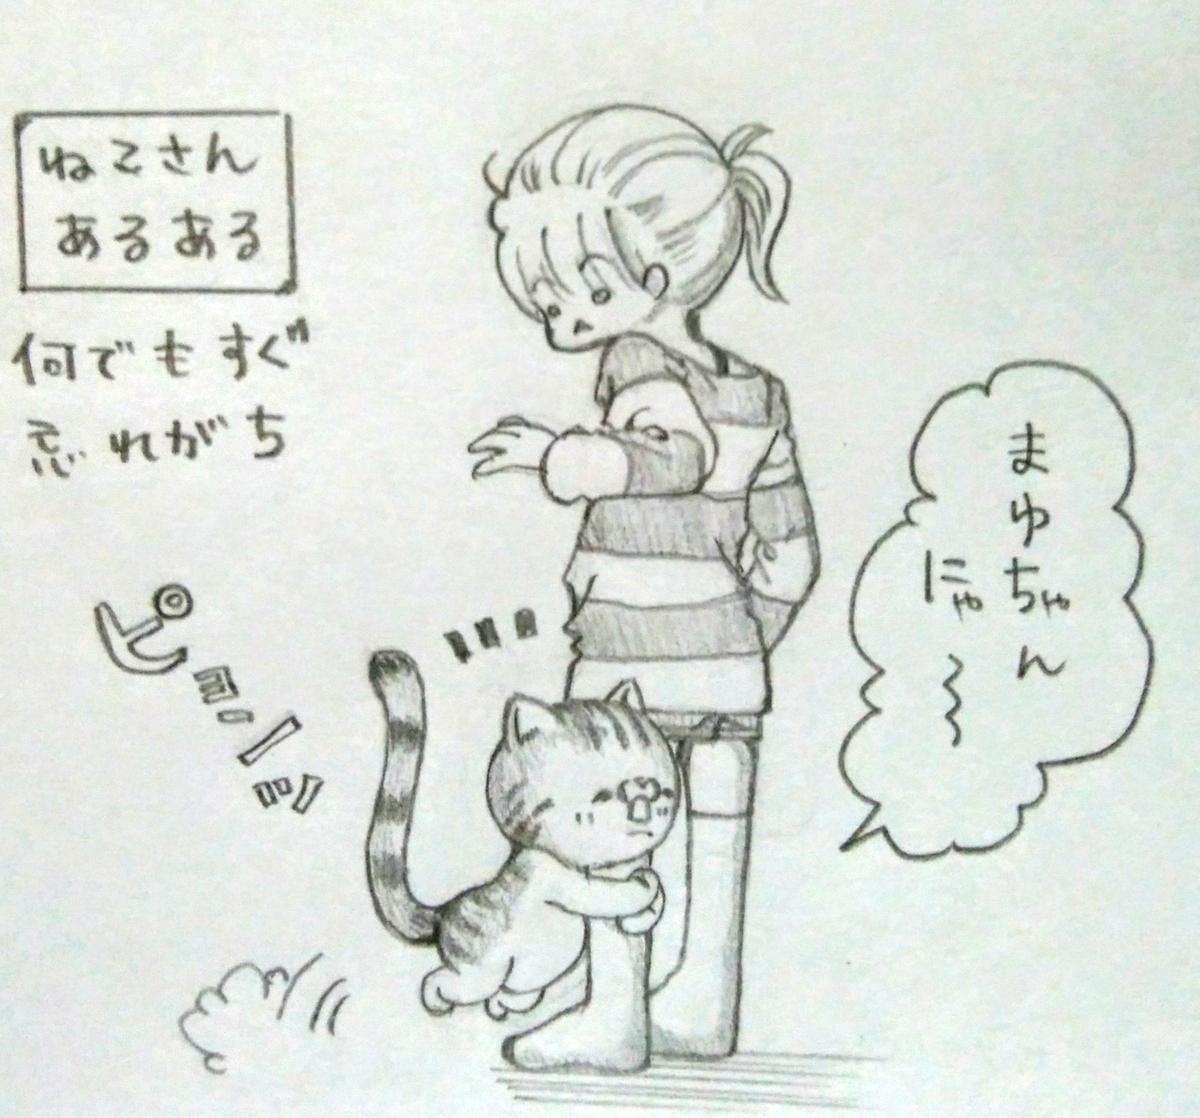 f:id:maricats:20200927213948j:plain